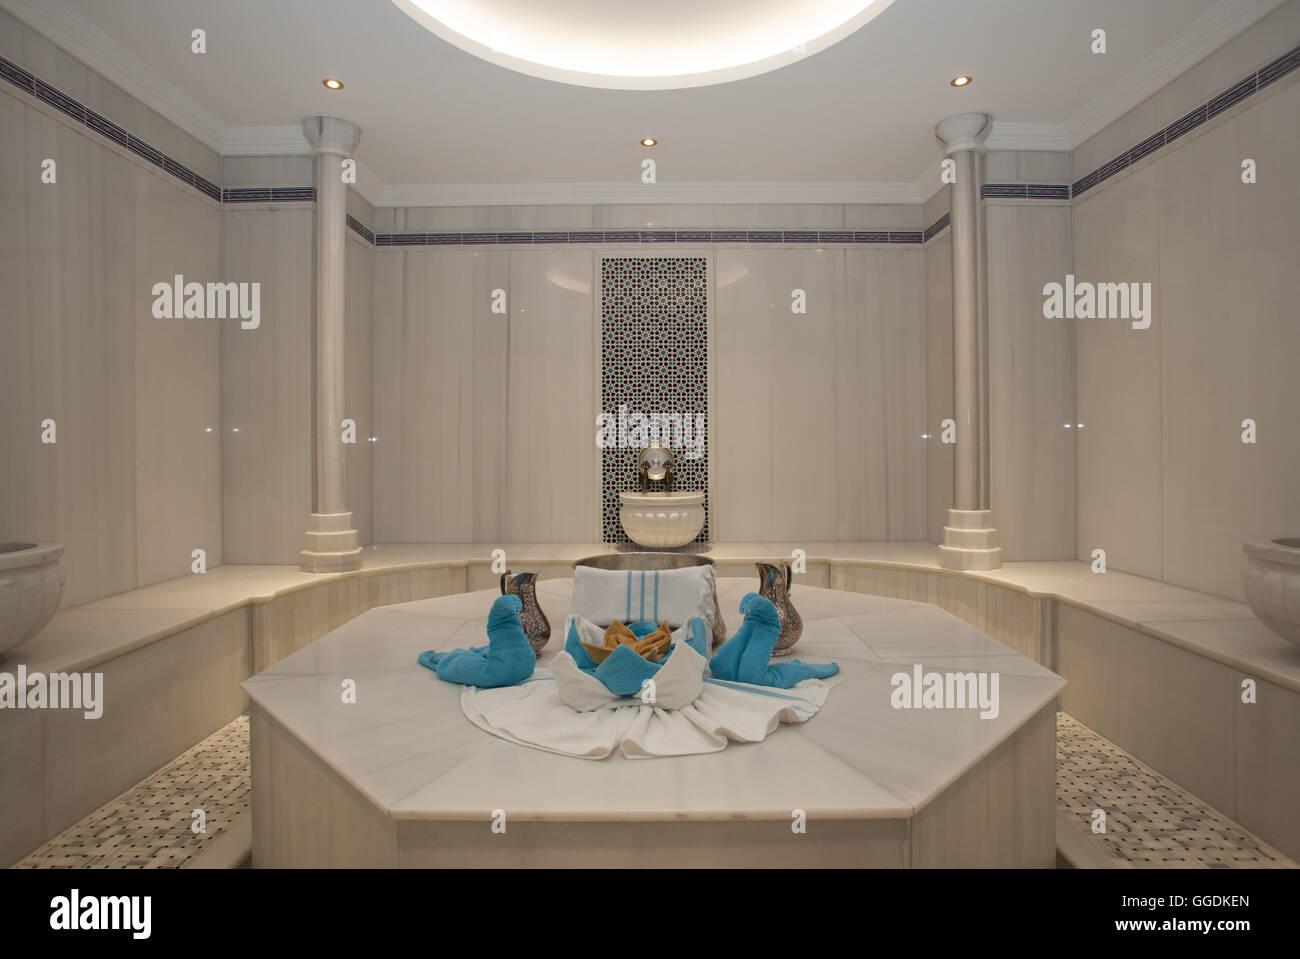 Interno del bagno turco hammam foto immagine stock